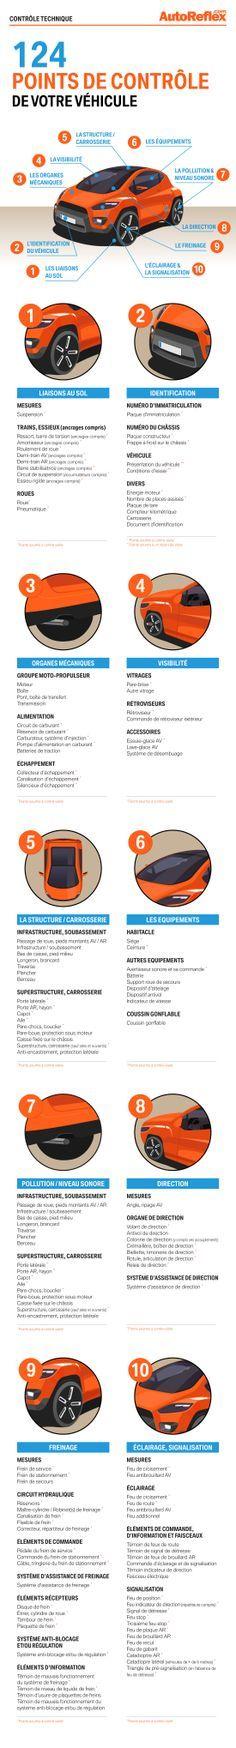 Contrôle technique auto : les 124 points de contrôle #infographie #voiture #cars